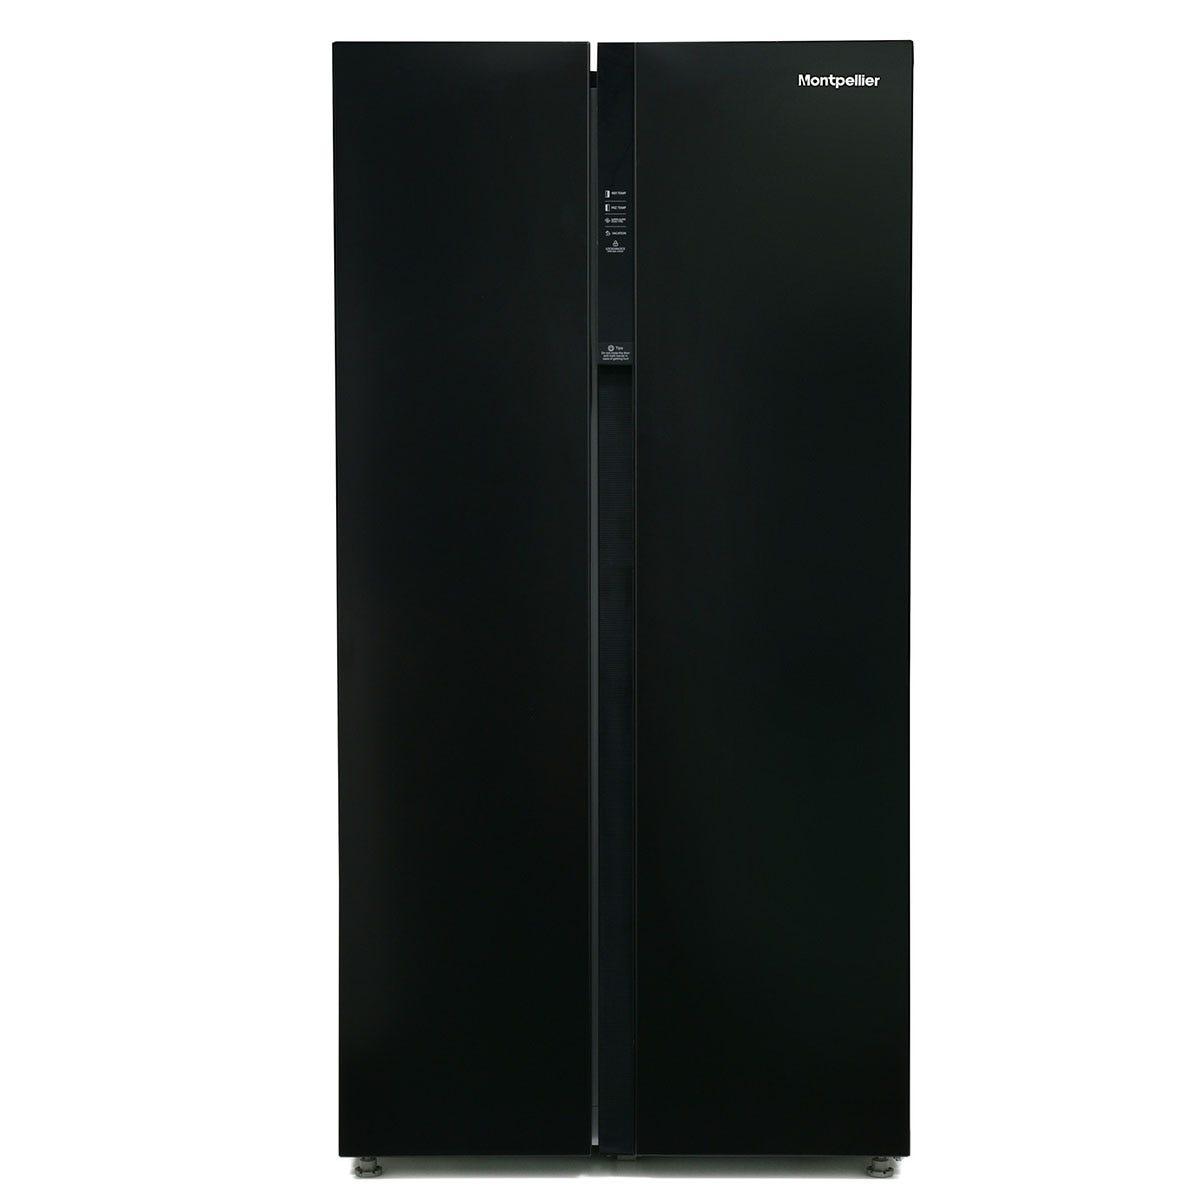 Montpellier M510BK American-Style Side-by-Side Fridge Freezer - Black